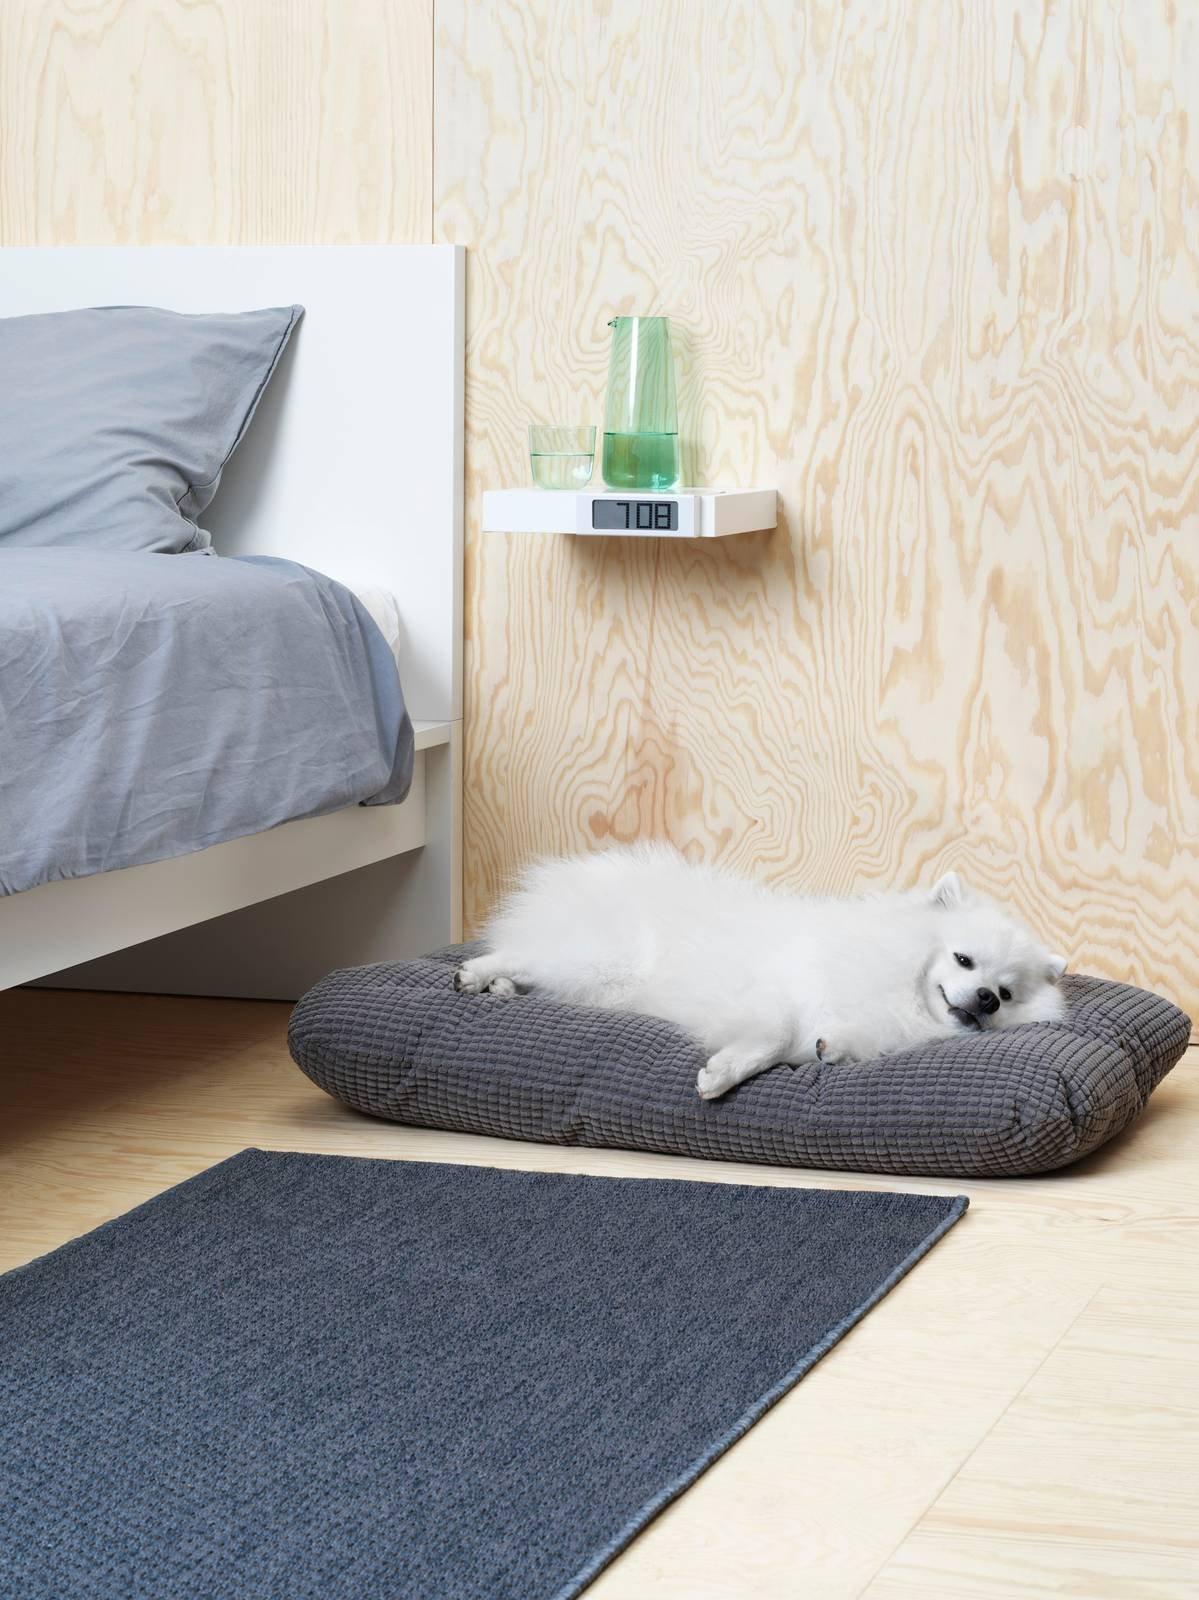 Cuscino Alla Francese Ikea.Una Collezione Ikea Per Animali Lurvig Per I Cani E I Gatti Di